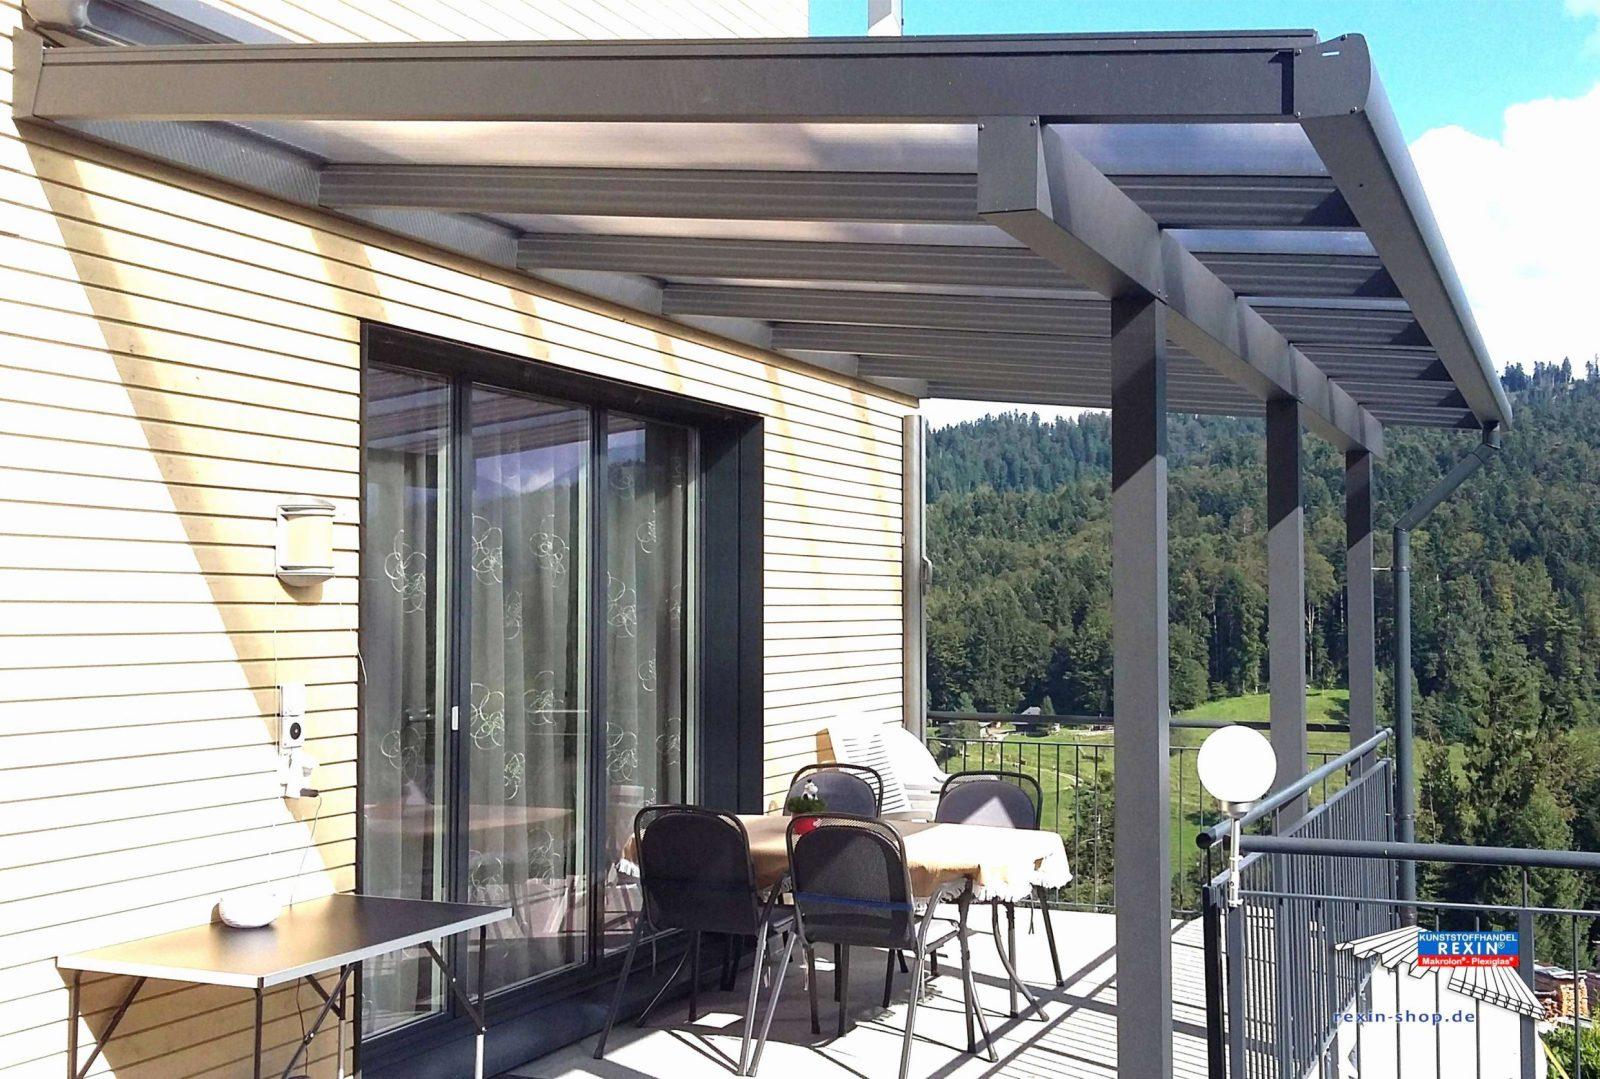 Balkon Gestalten Mit Wenig Geld Frisch Balkon Einrichten Elegant von Balkon Gestalten Mit Wenig Geld Bild